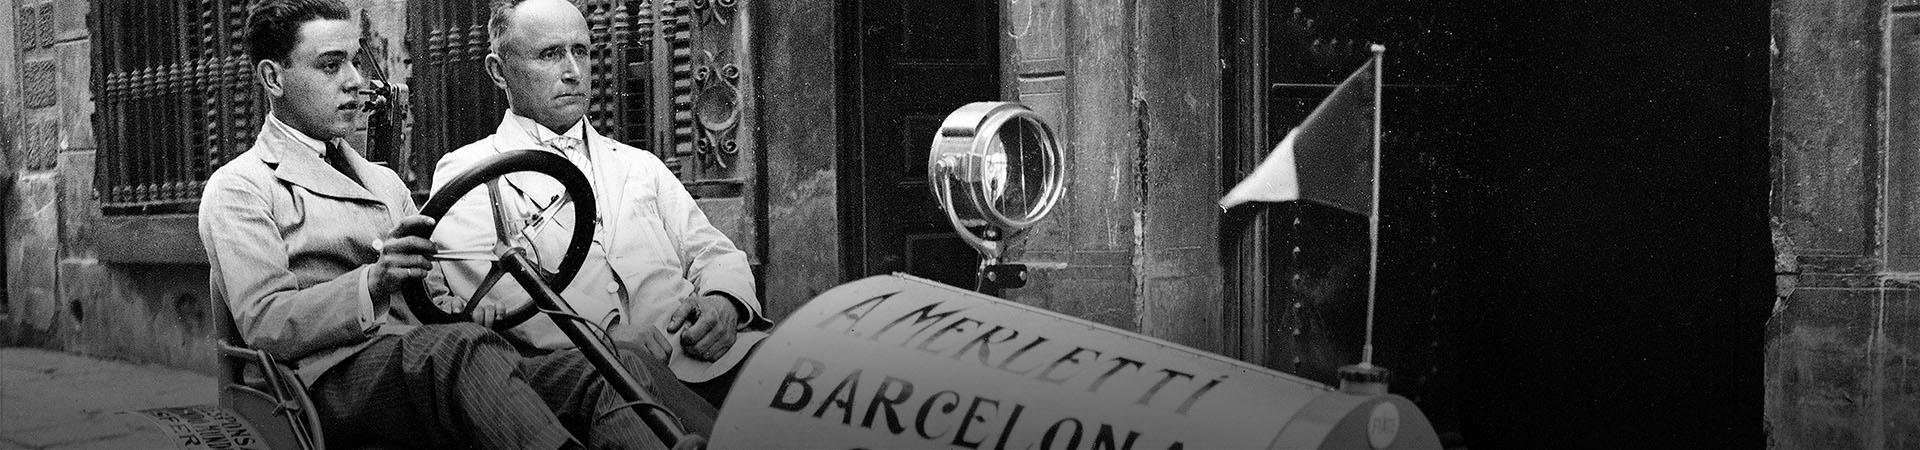 Merletti i el seu fill dins el seu cotxe, davant la porta de casa seva al carrer Tapioles. Barcelona, Anys '20. Ref. ACP-1-881